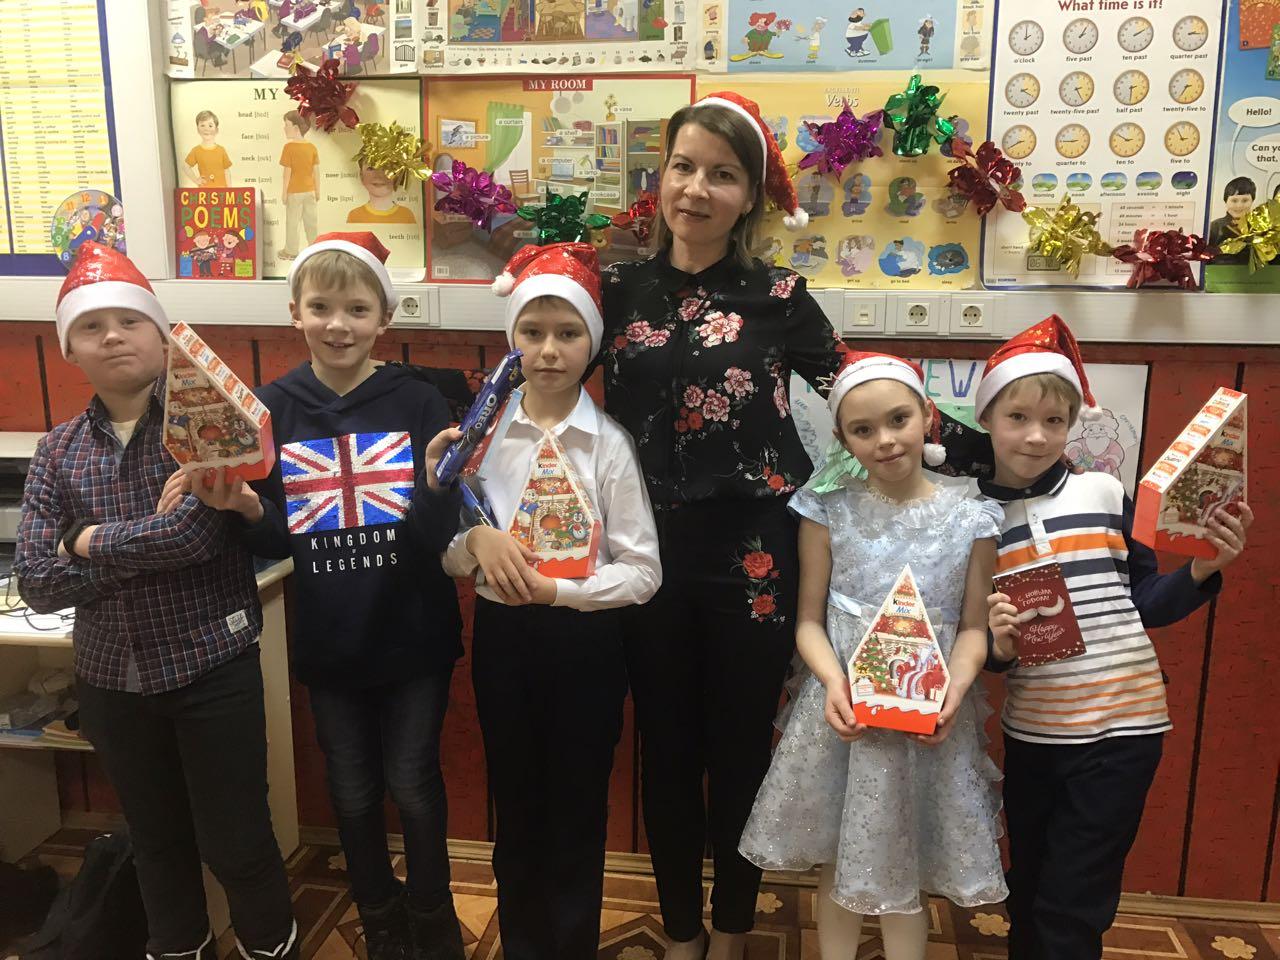 занятия английским для школьников 7-9 лет в Москве ВАО